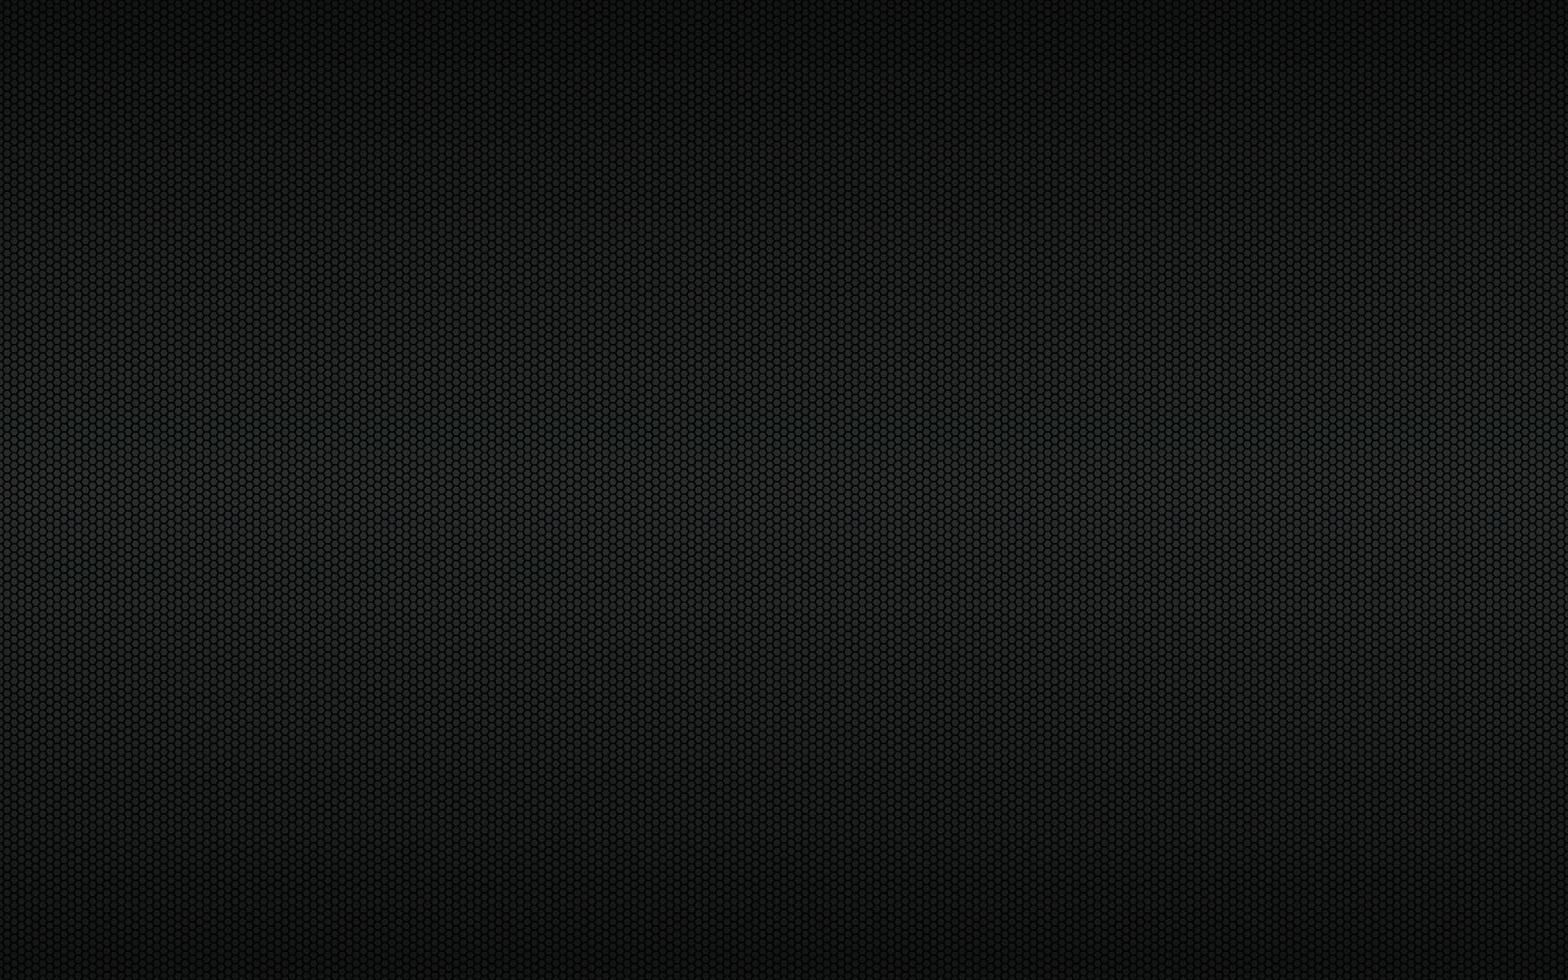 fond géométrique noir moderne haute résolution avec grille polygonale. motif hexagonal métallique noir abstrait. illustration vectorielle simple vecteur